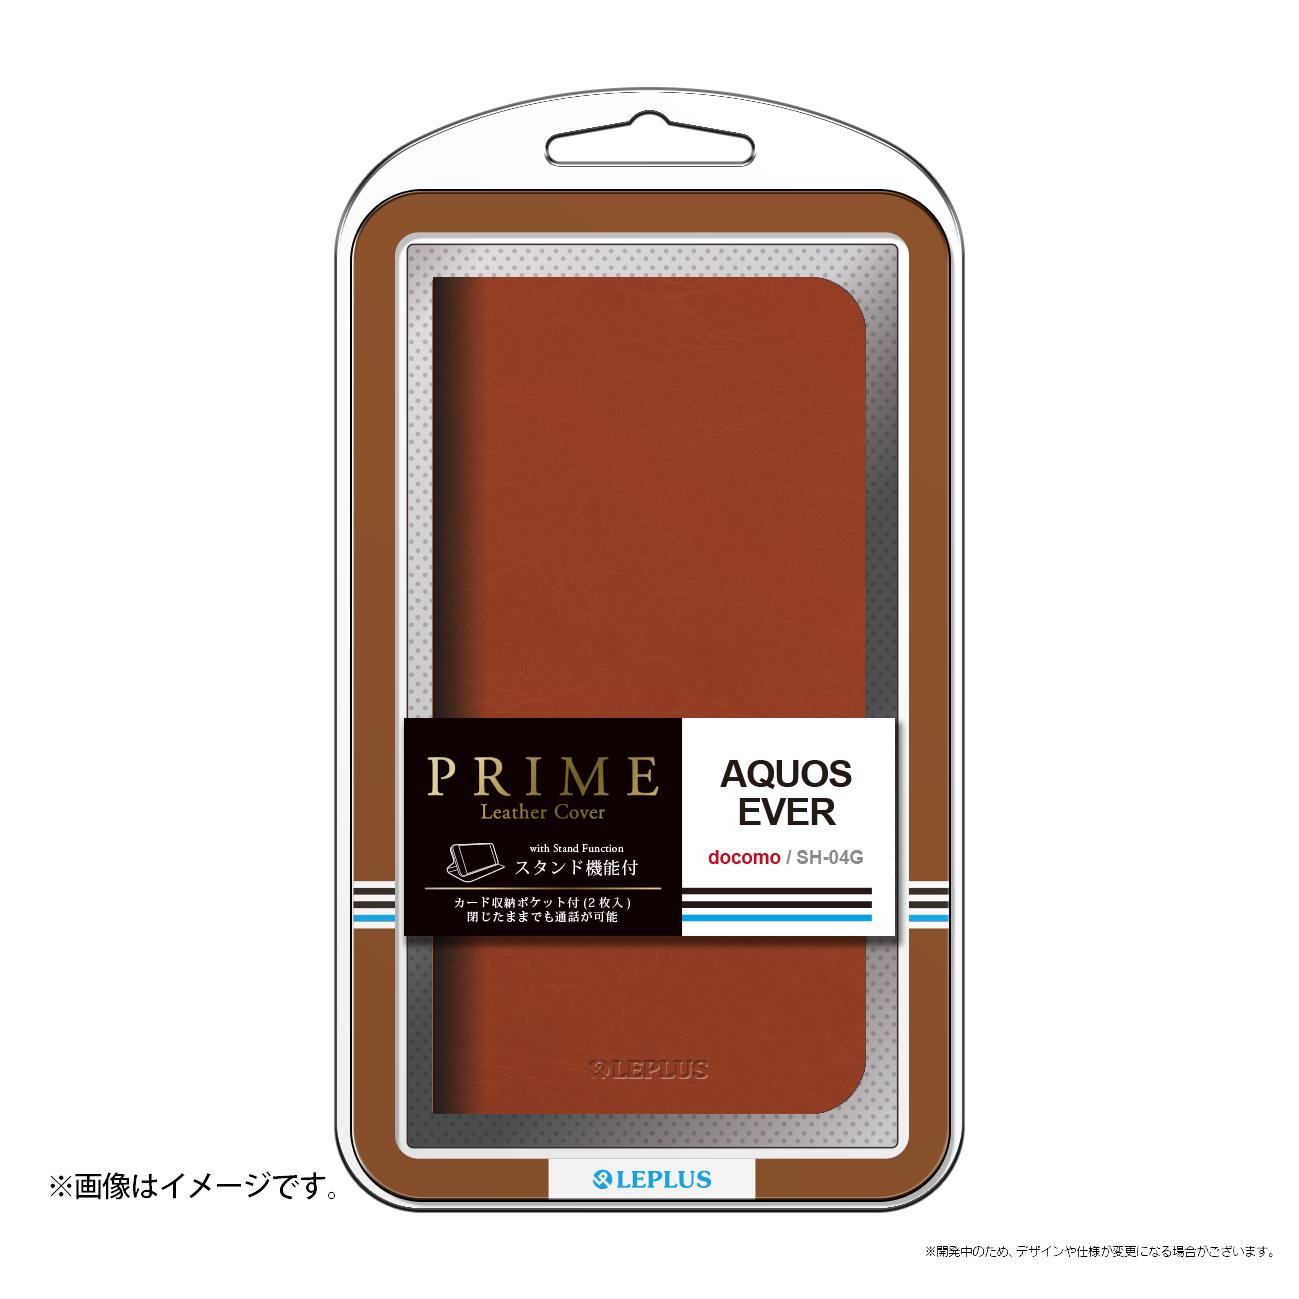 AQUOS EVER SH-04G ブックタイプPUレザーケース「PRIME」 ブラウン